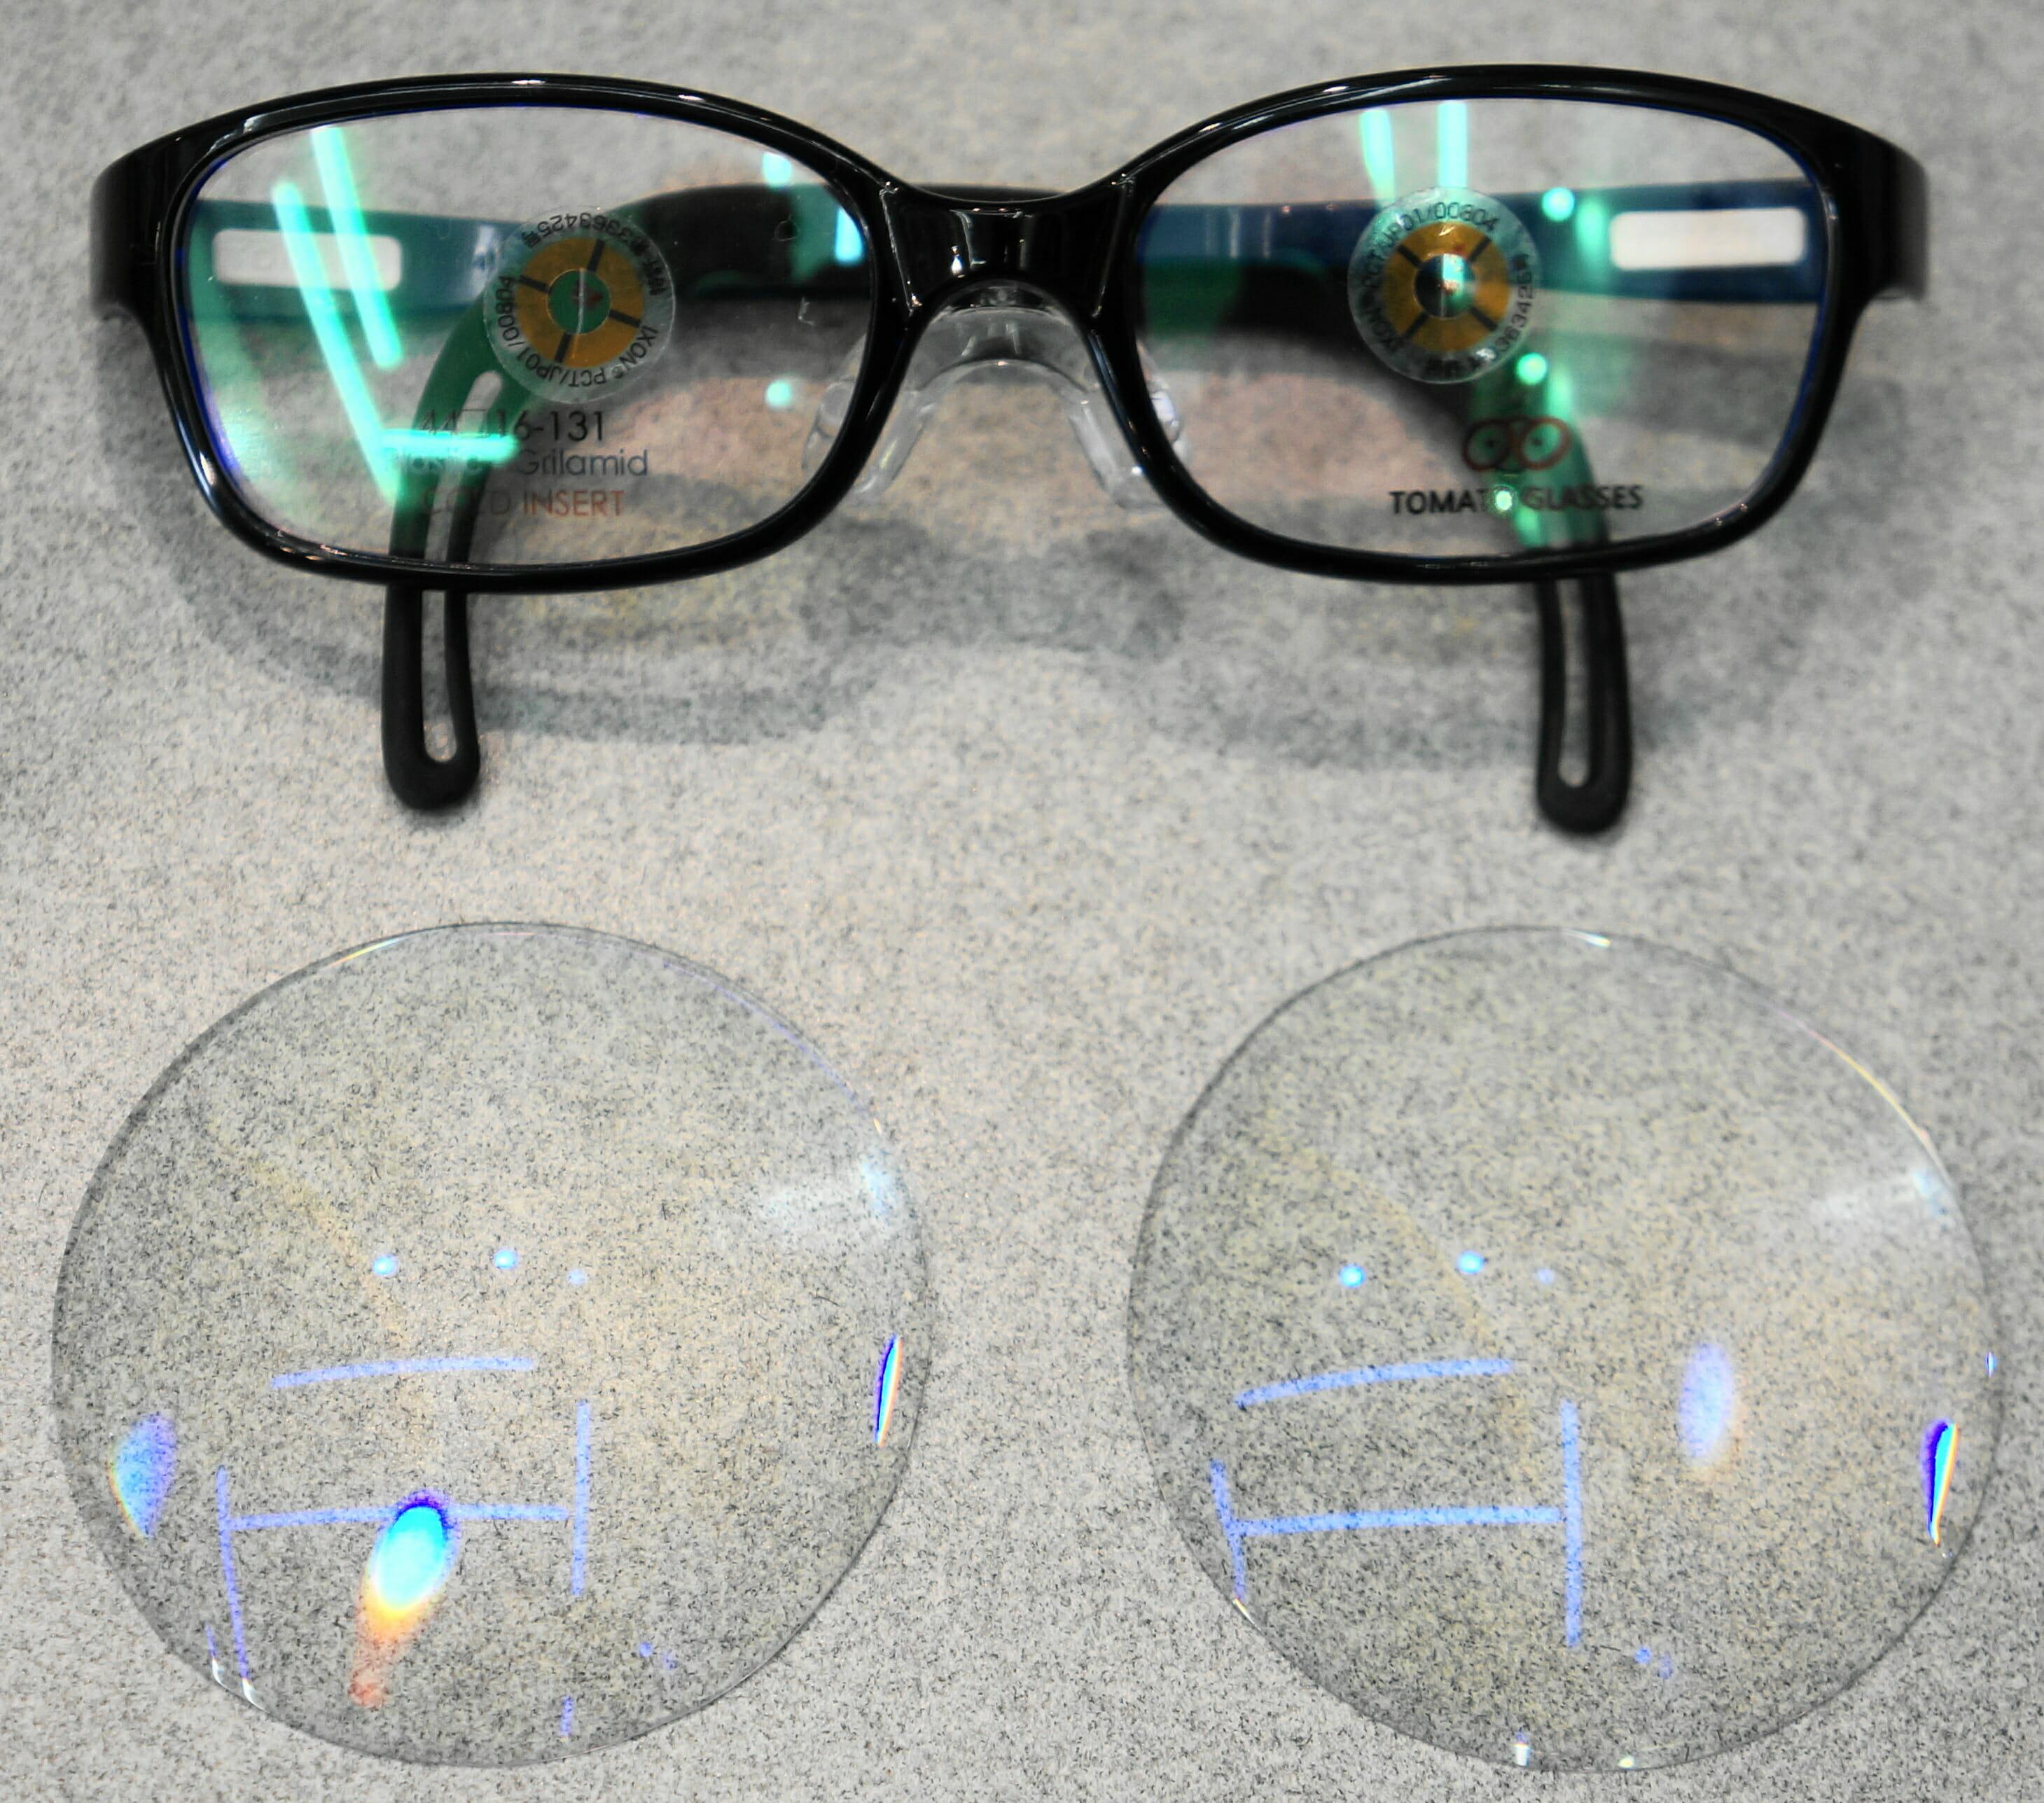 レンズ・フレームの概略写真